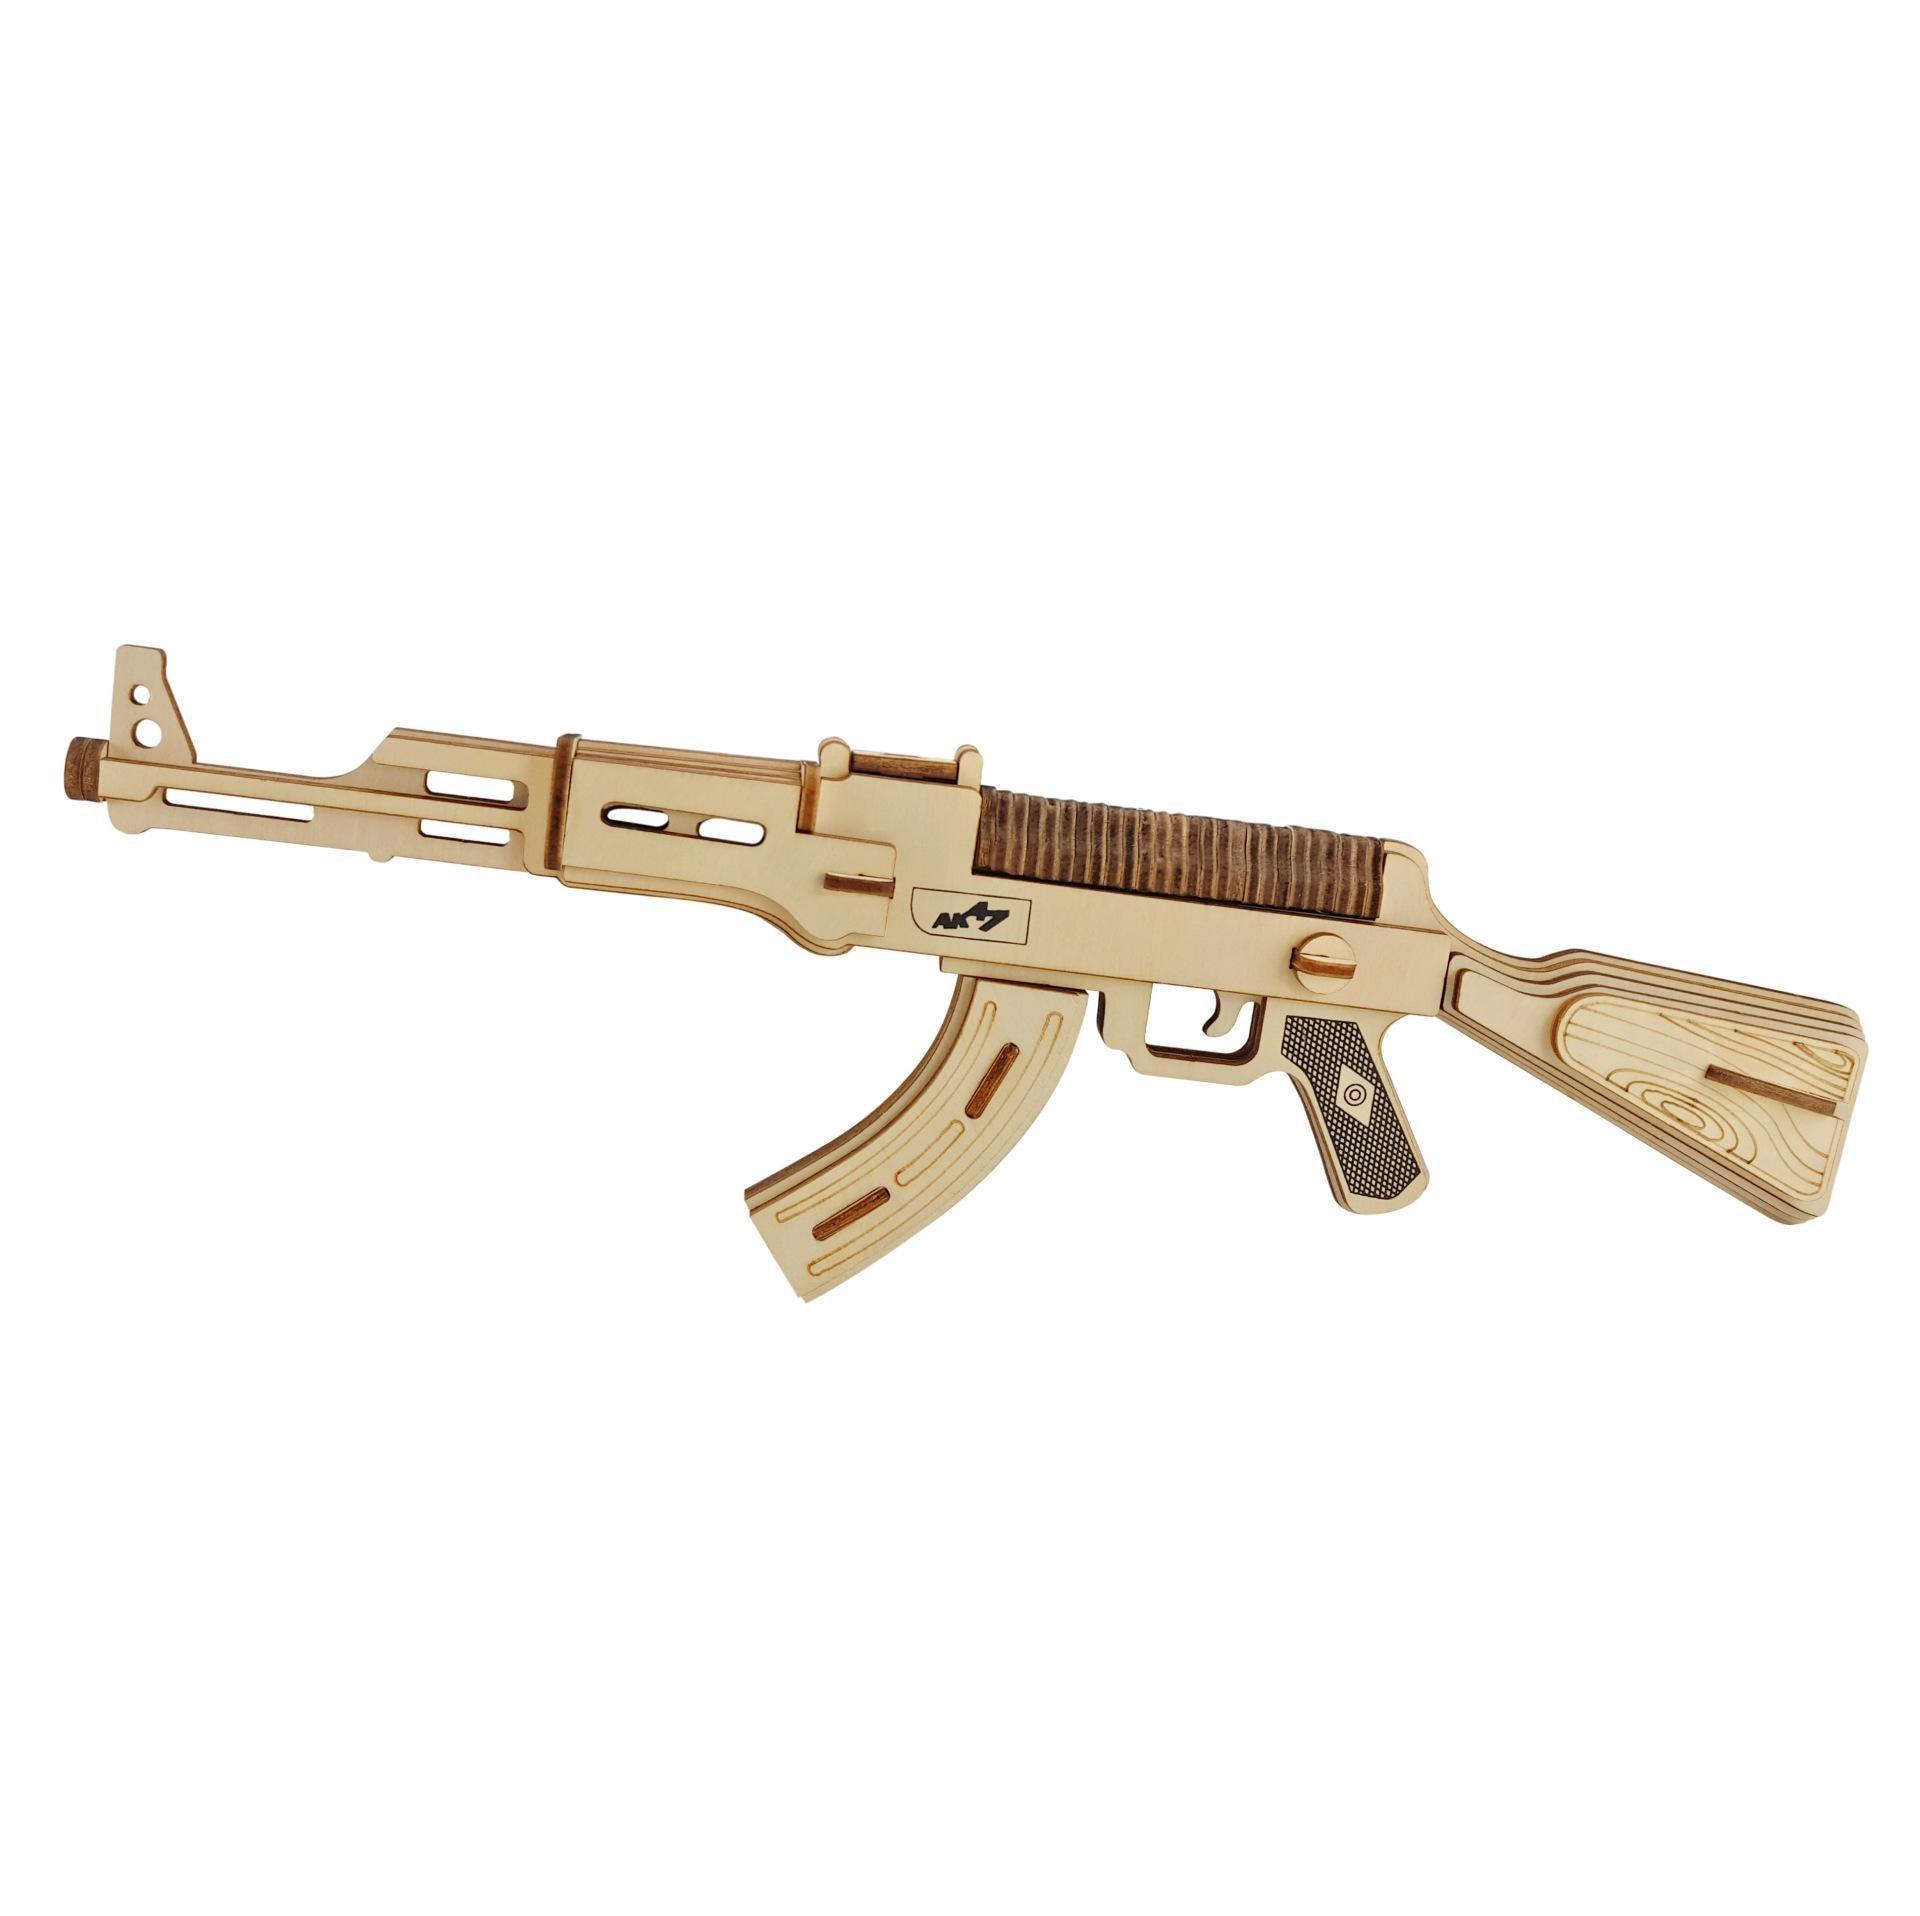 DIY AK47 Submachine Gun Model 3d Three-dimensional Wooden Puzzle Toy Gun For Children Diy Handmade Laser Cutting